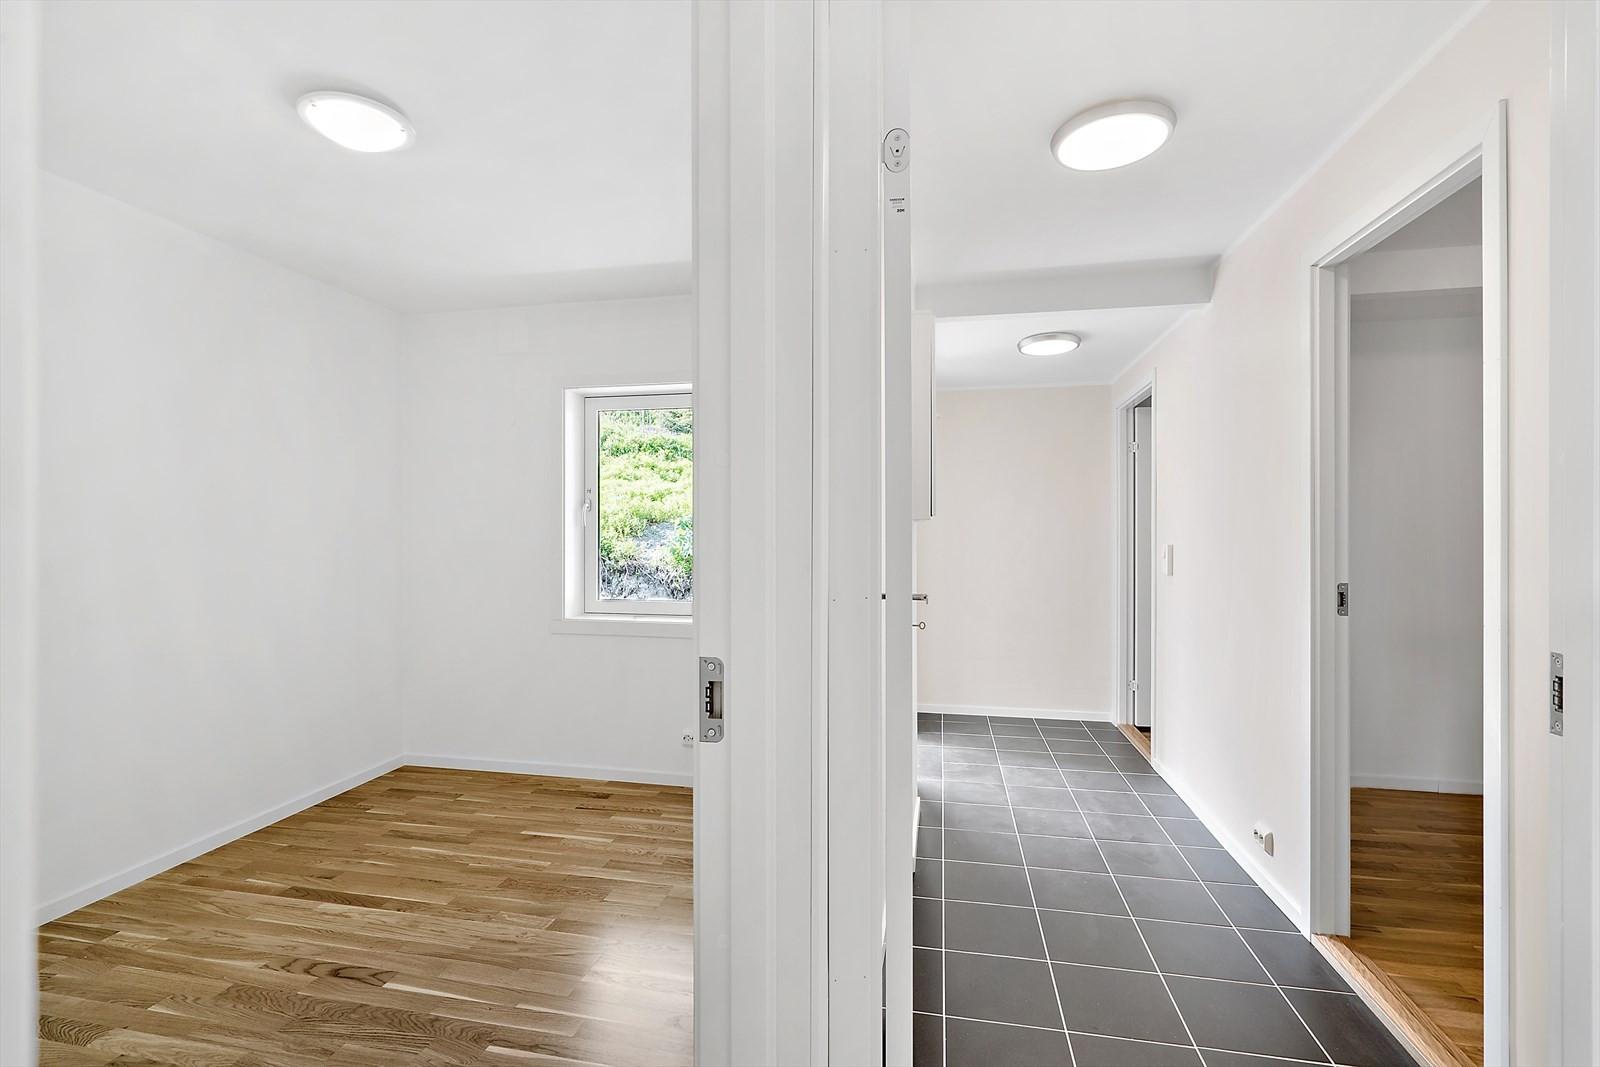 Flislagt gulv i gangen - dør til soverom på begge sider